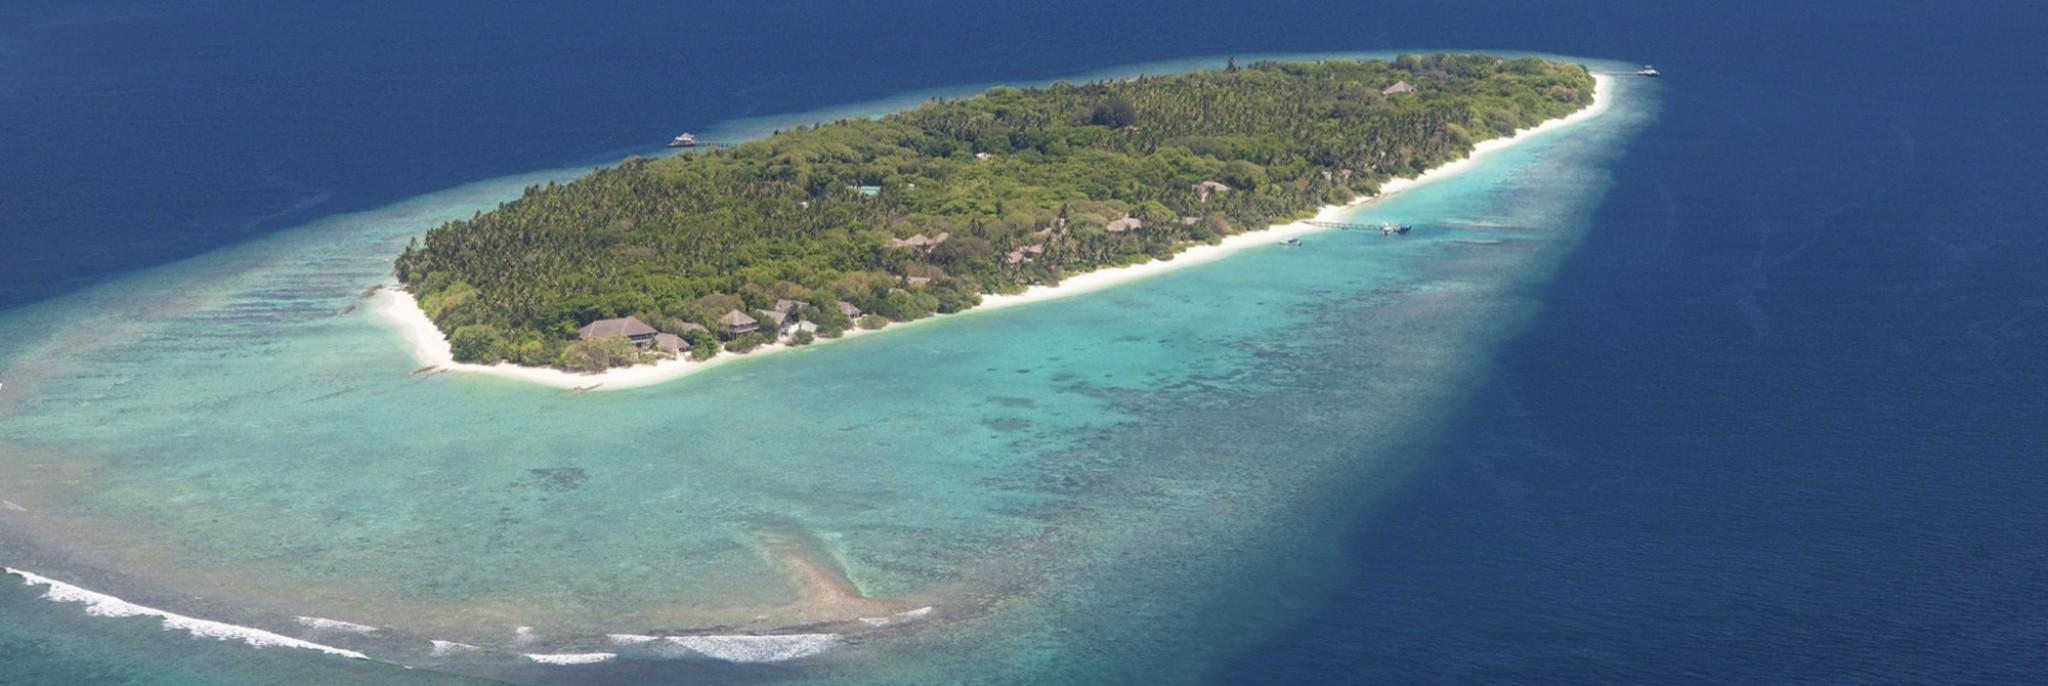 Why Soneva Fushi Should Be Your #1 Travel Choice